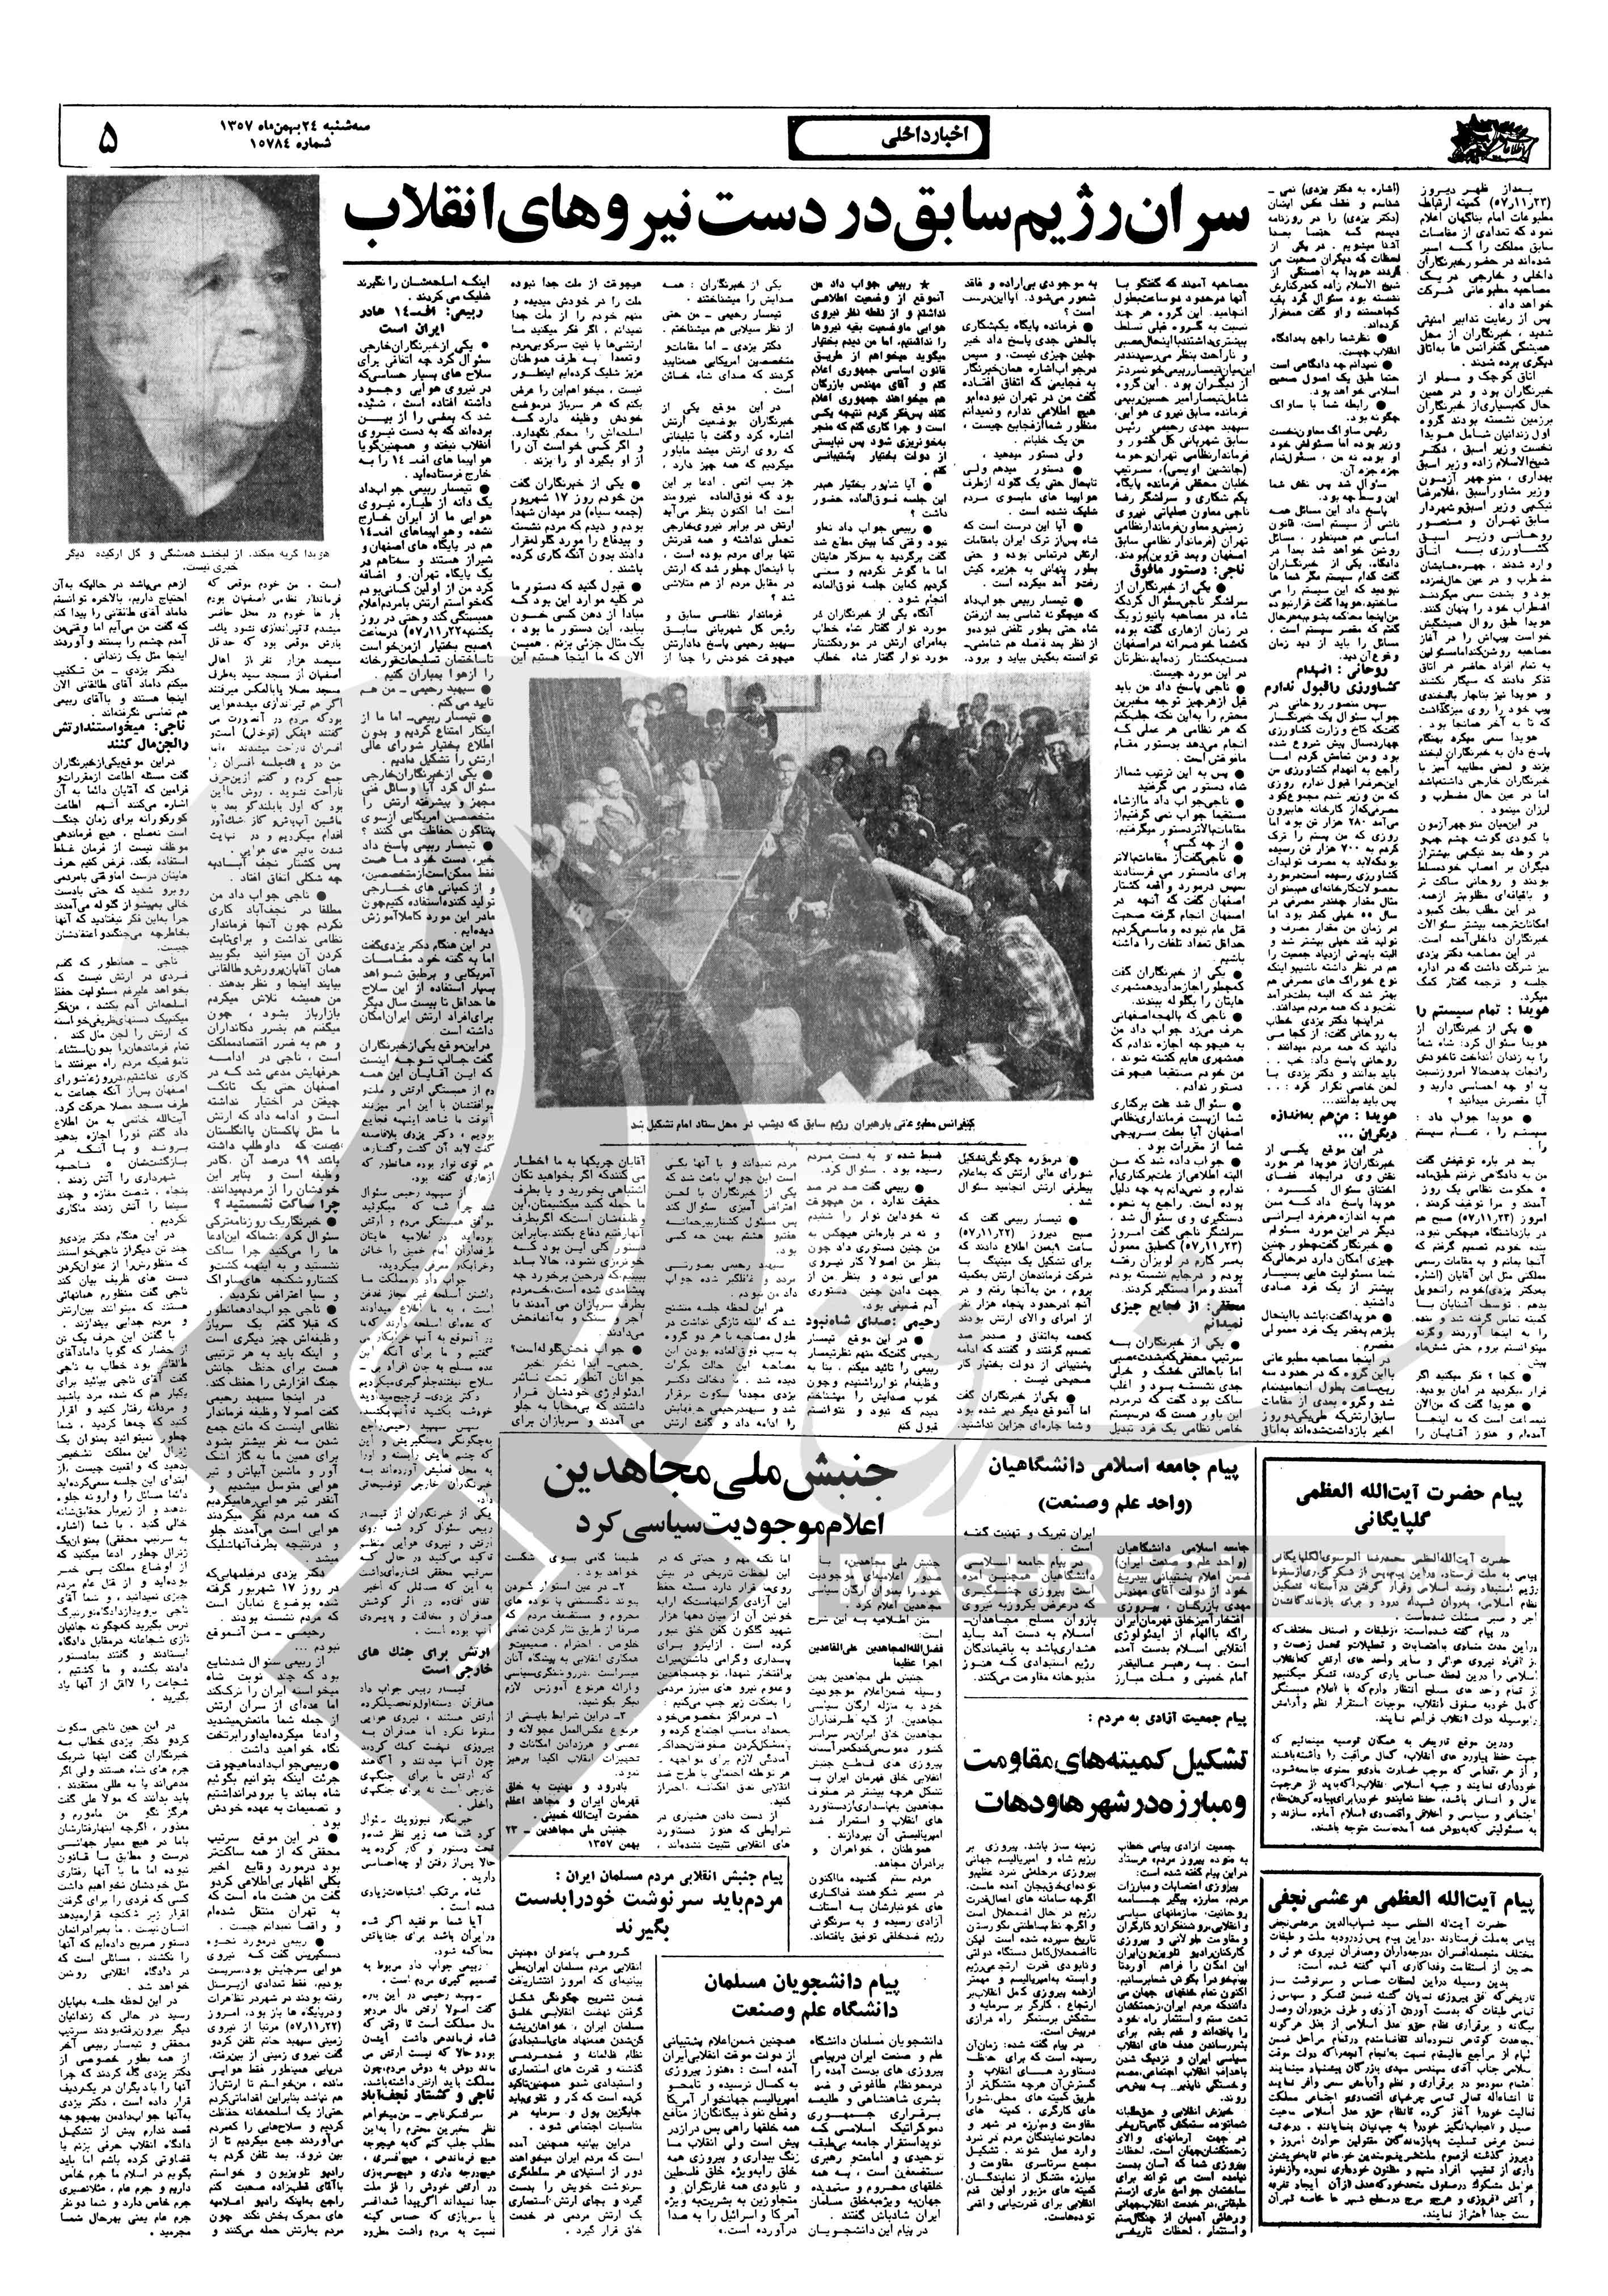 جزئیات نخستین کنفرانس مطبوعاتی با سران دستگیر شده رژیم «پهلوی»